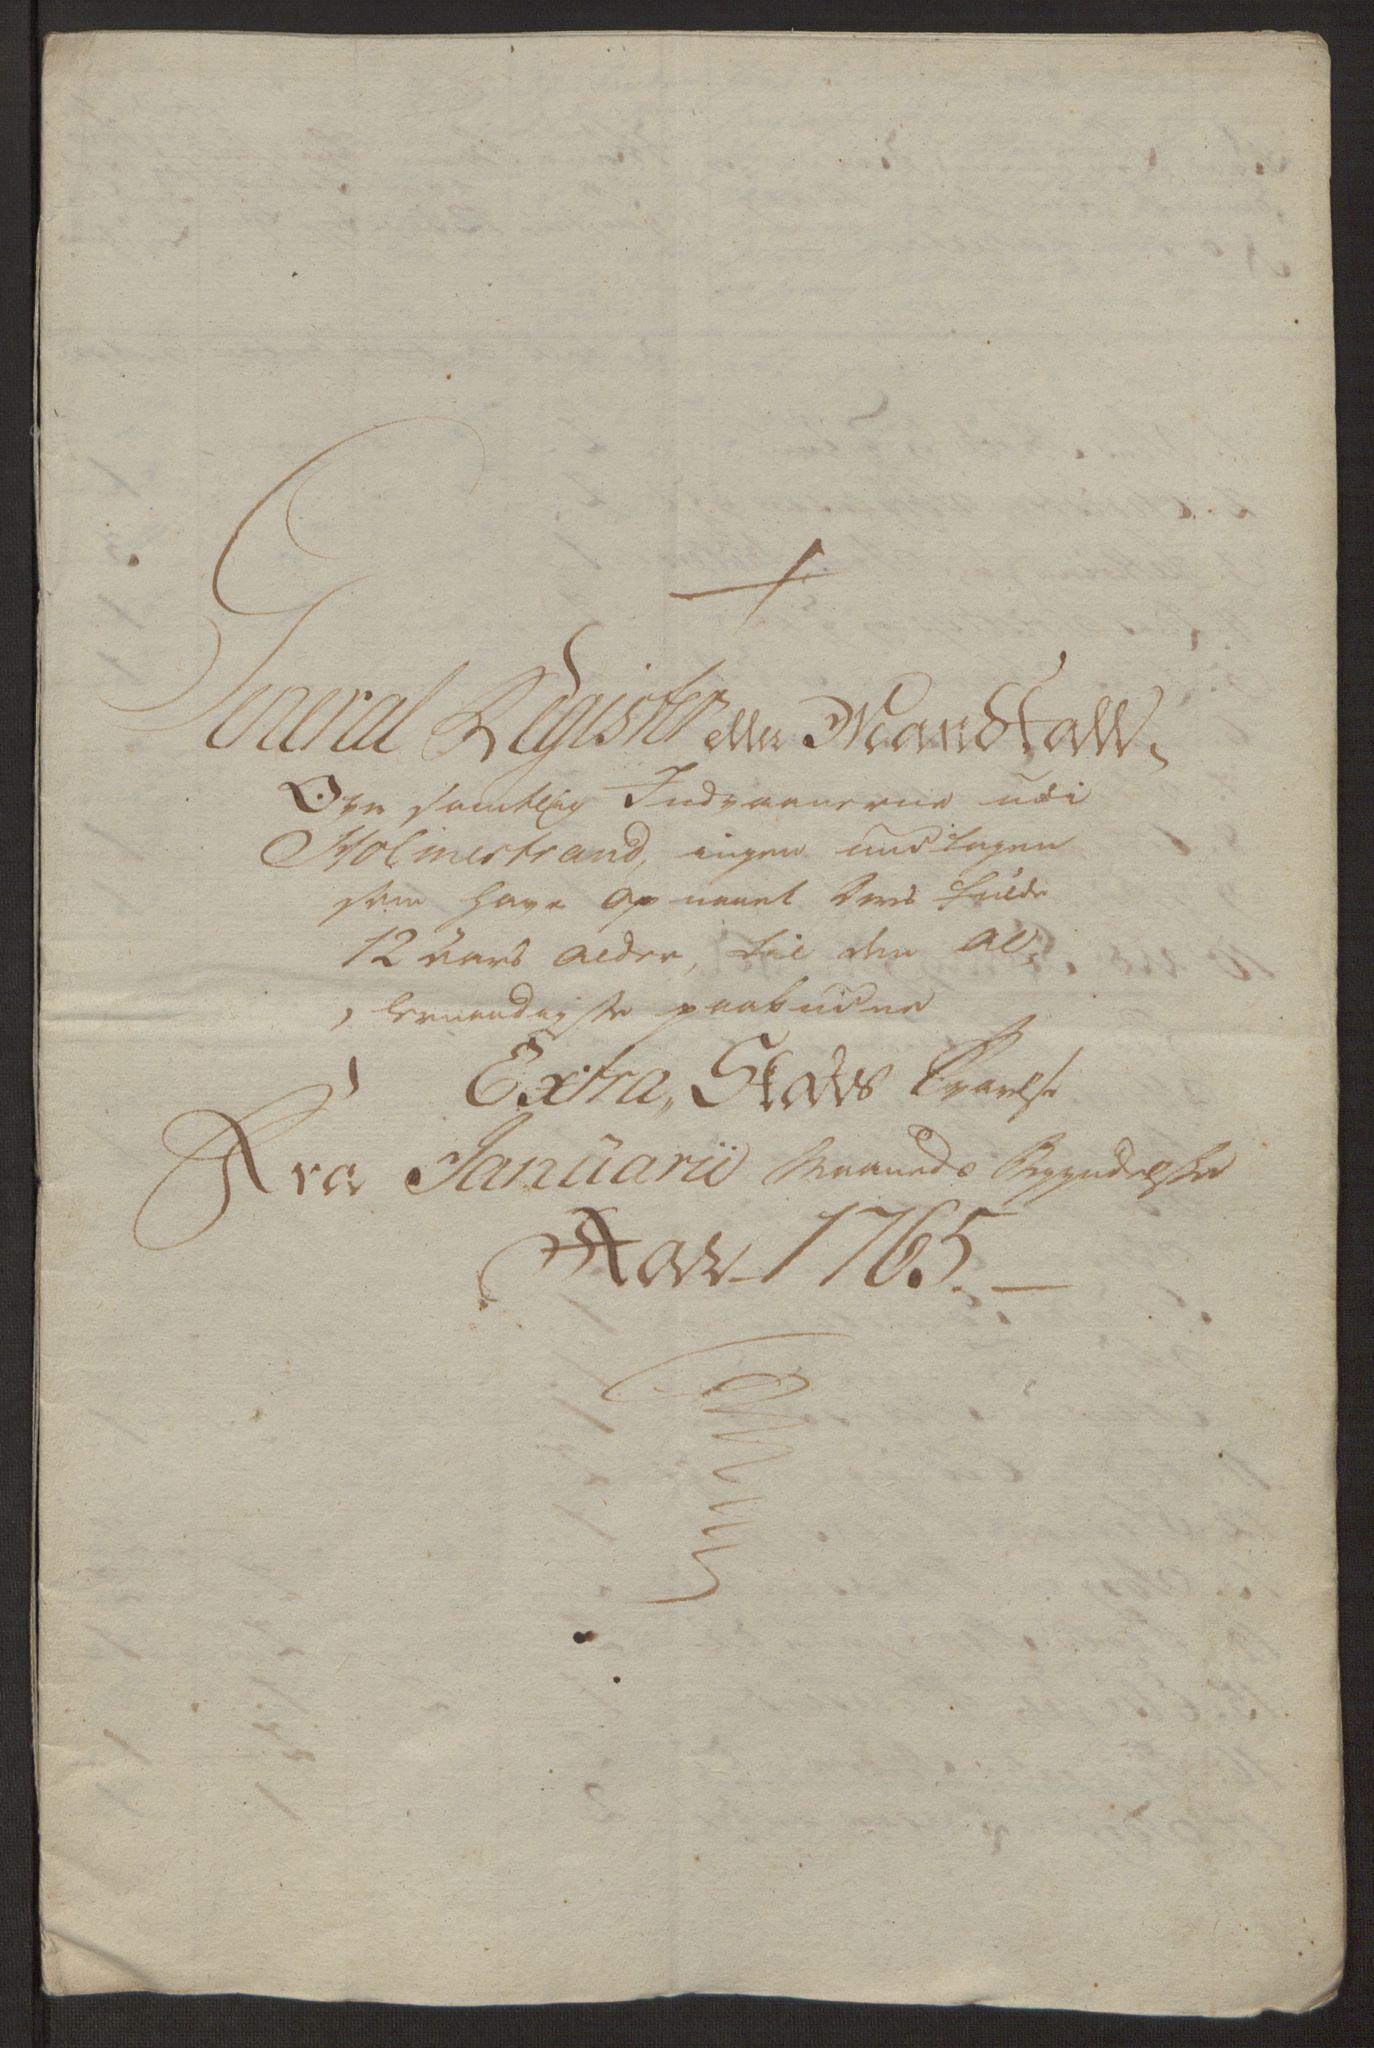 RA, Rentekammeret inntil 1814, Reviderte regnskaper, Byregnskaper, R/Rh/L0163: [H4] Kontribusjonsregnskap, 1762-1772, s. 192